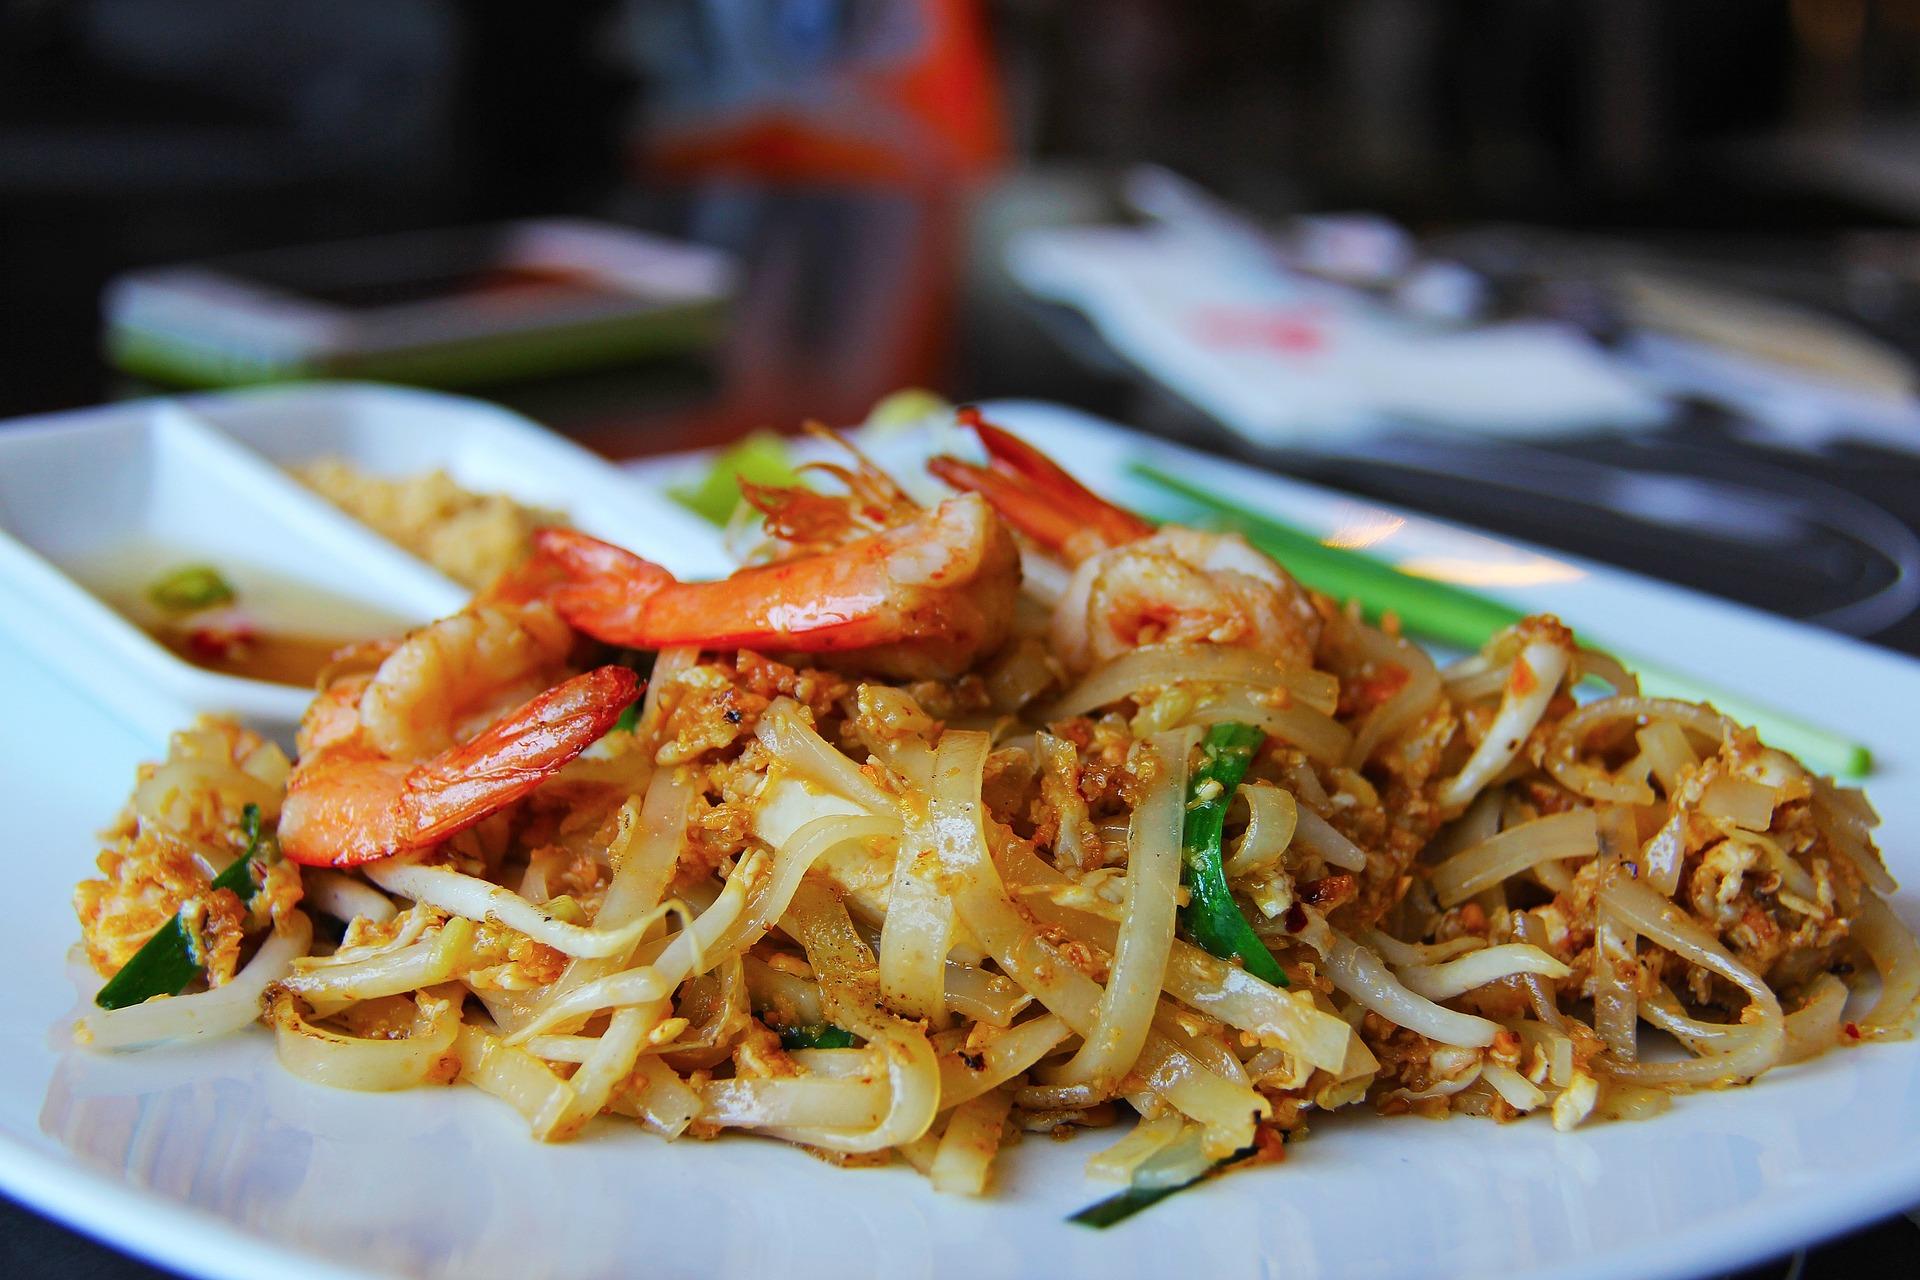 7 Best Restaurants in the International District